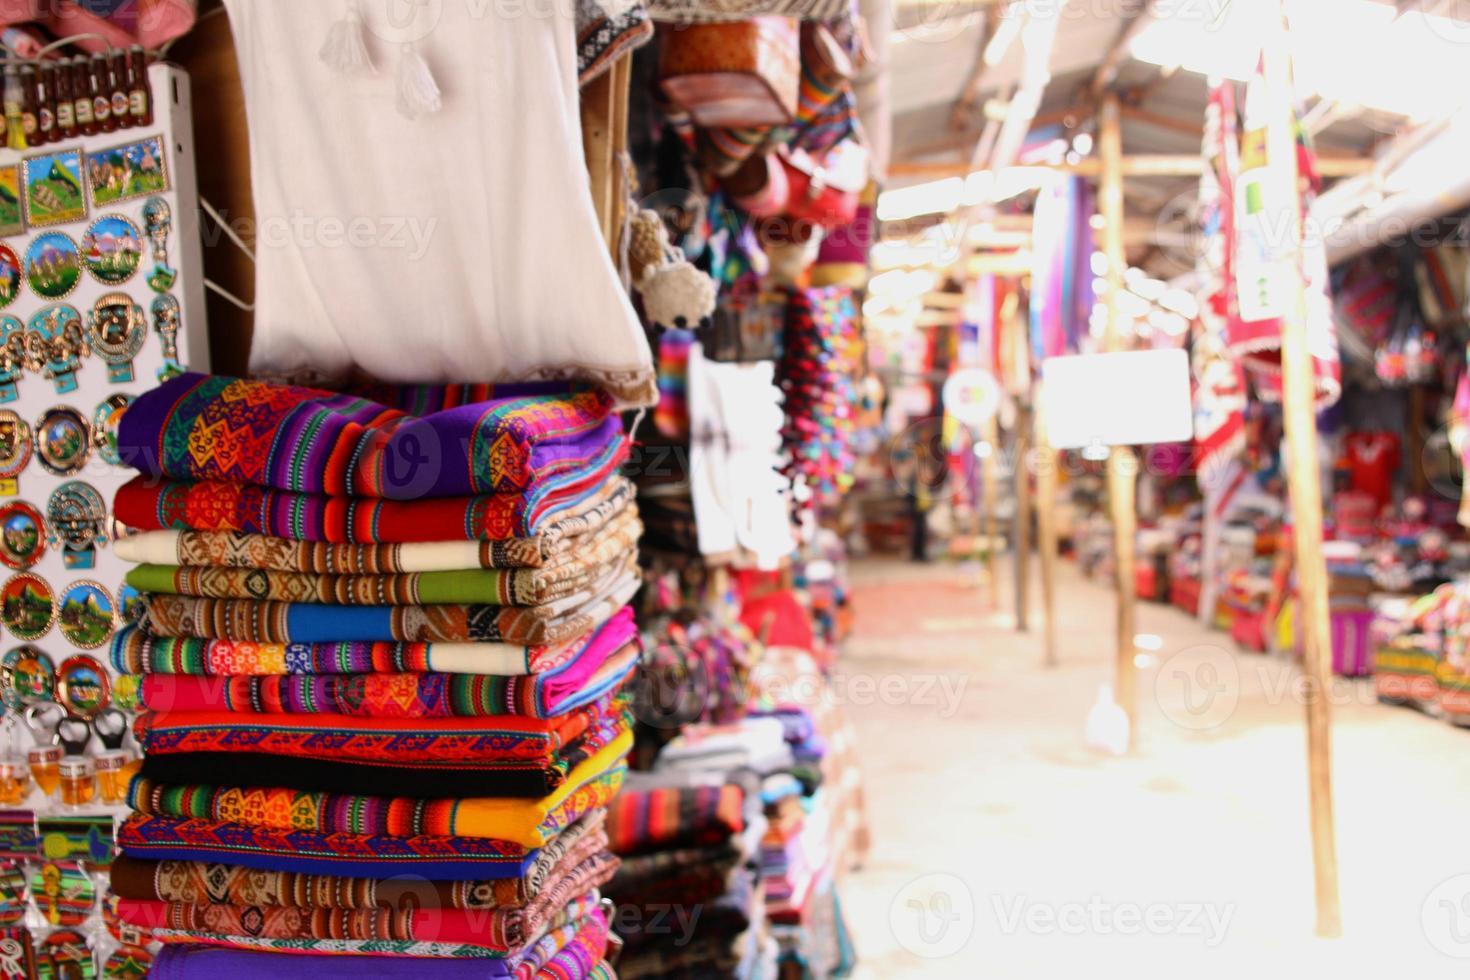 lokala peruanska produkter. cuzco gator. traditionell konst foto